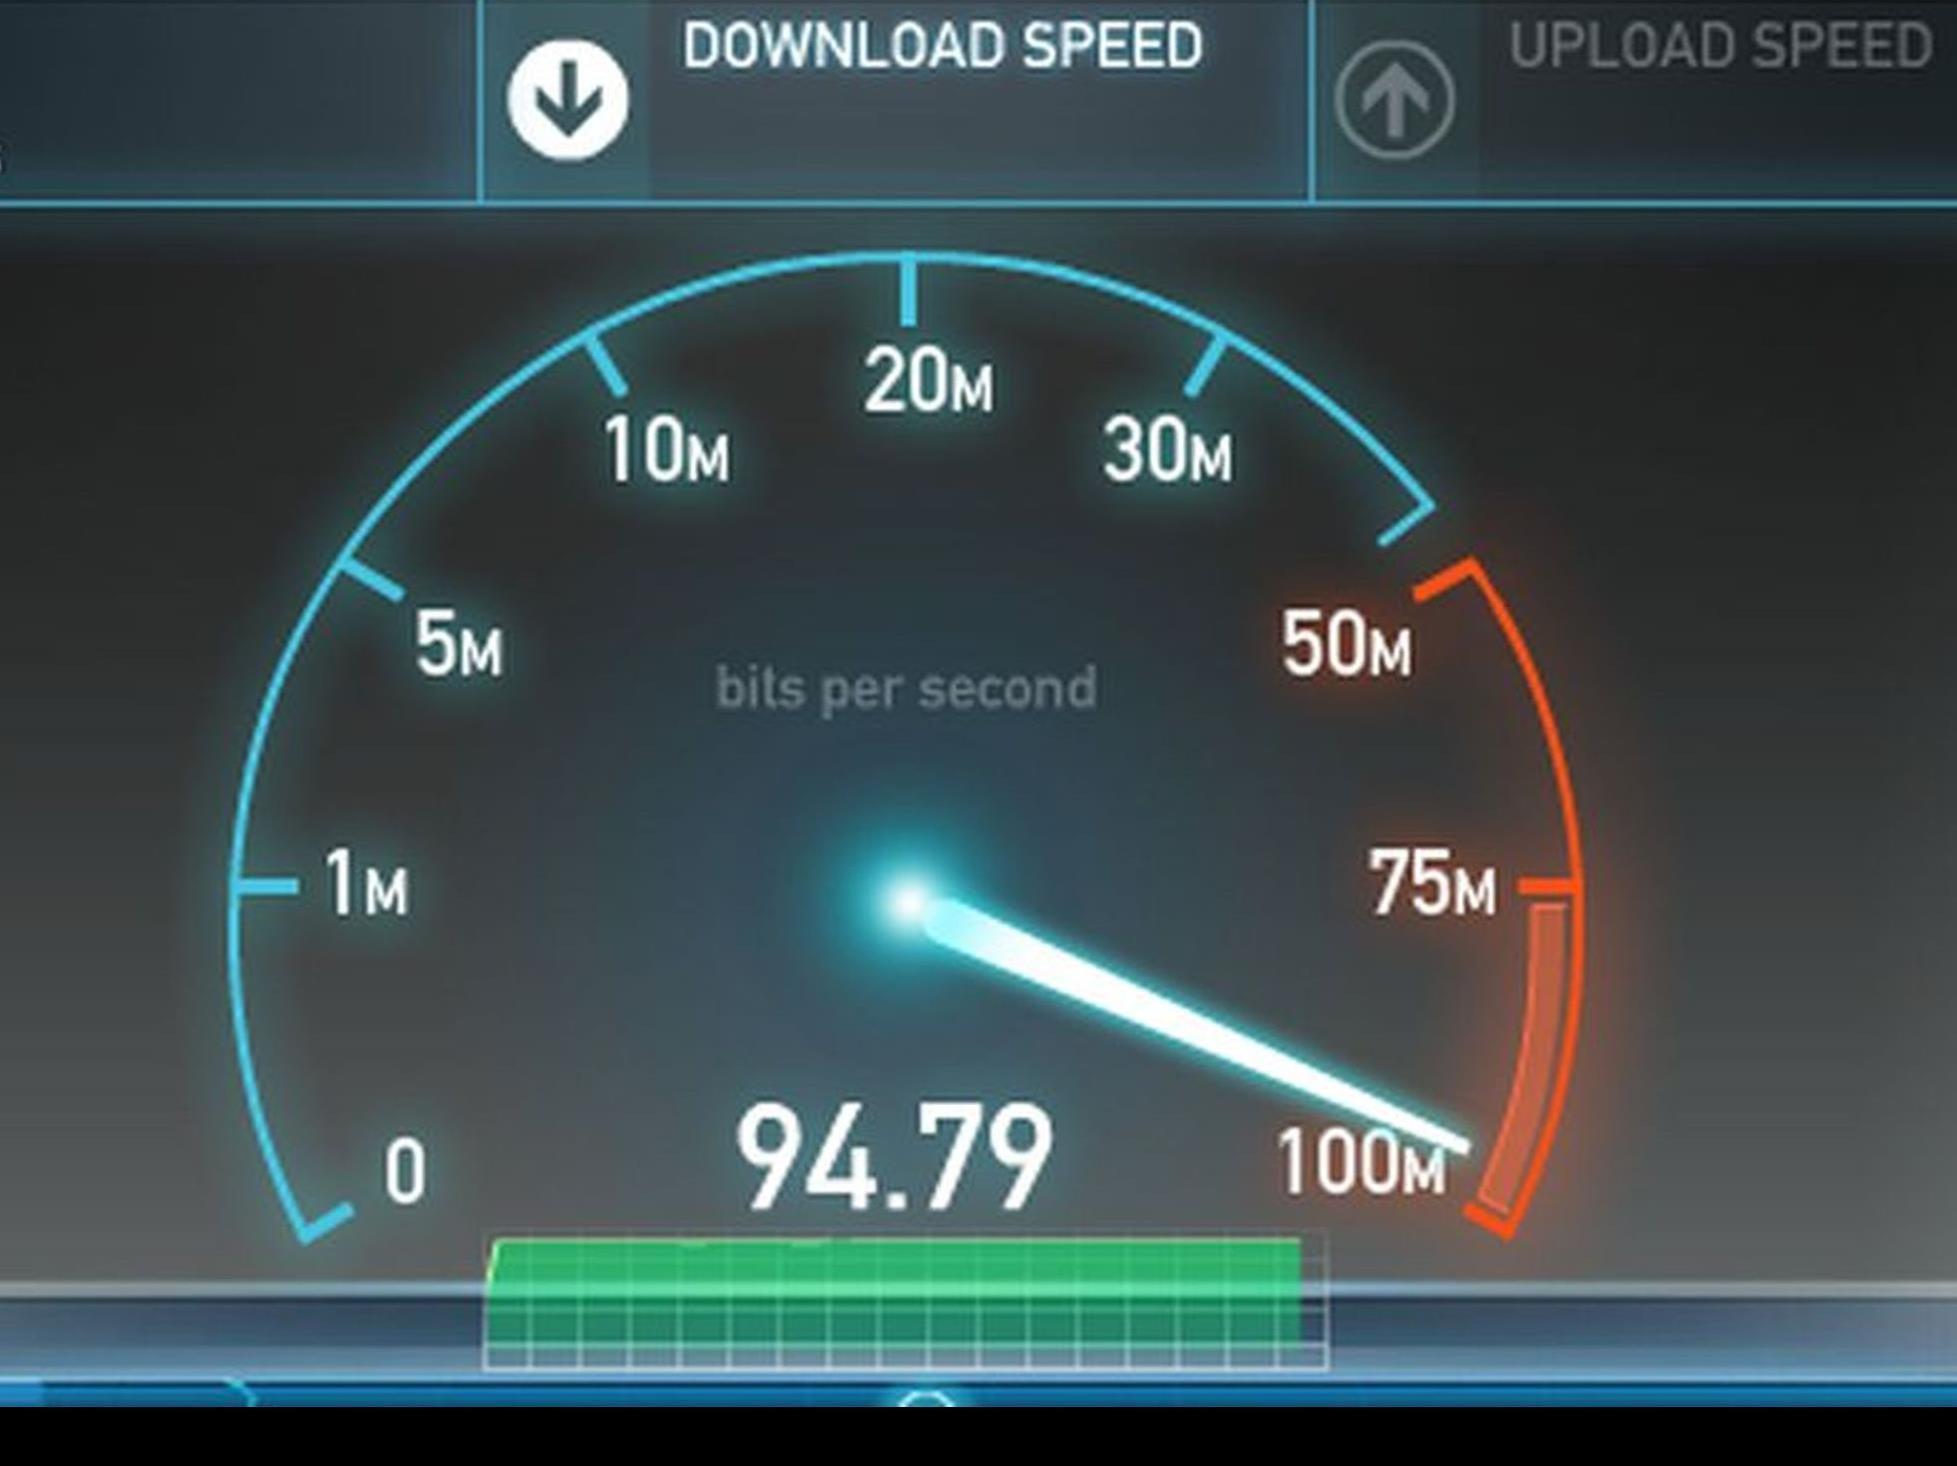 Своими руками увеличить скорость интернета 80